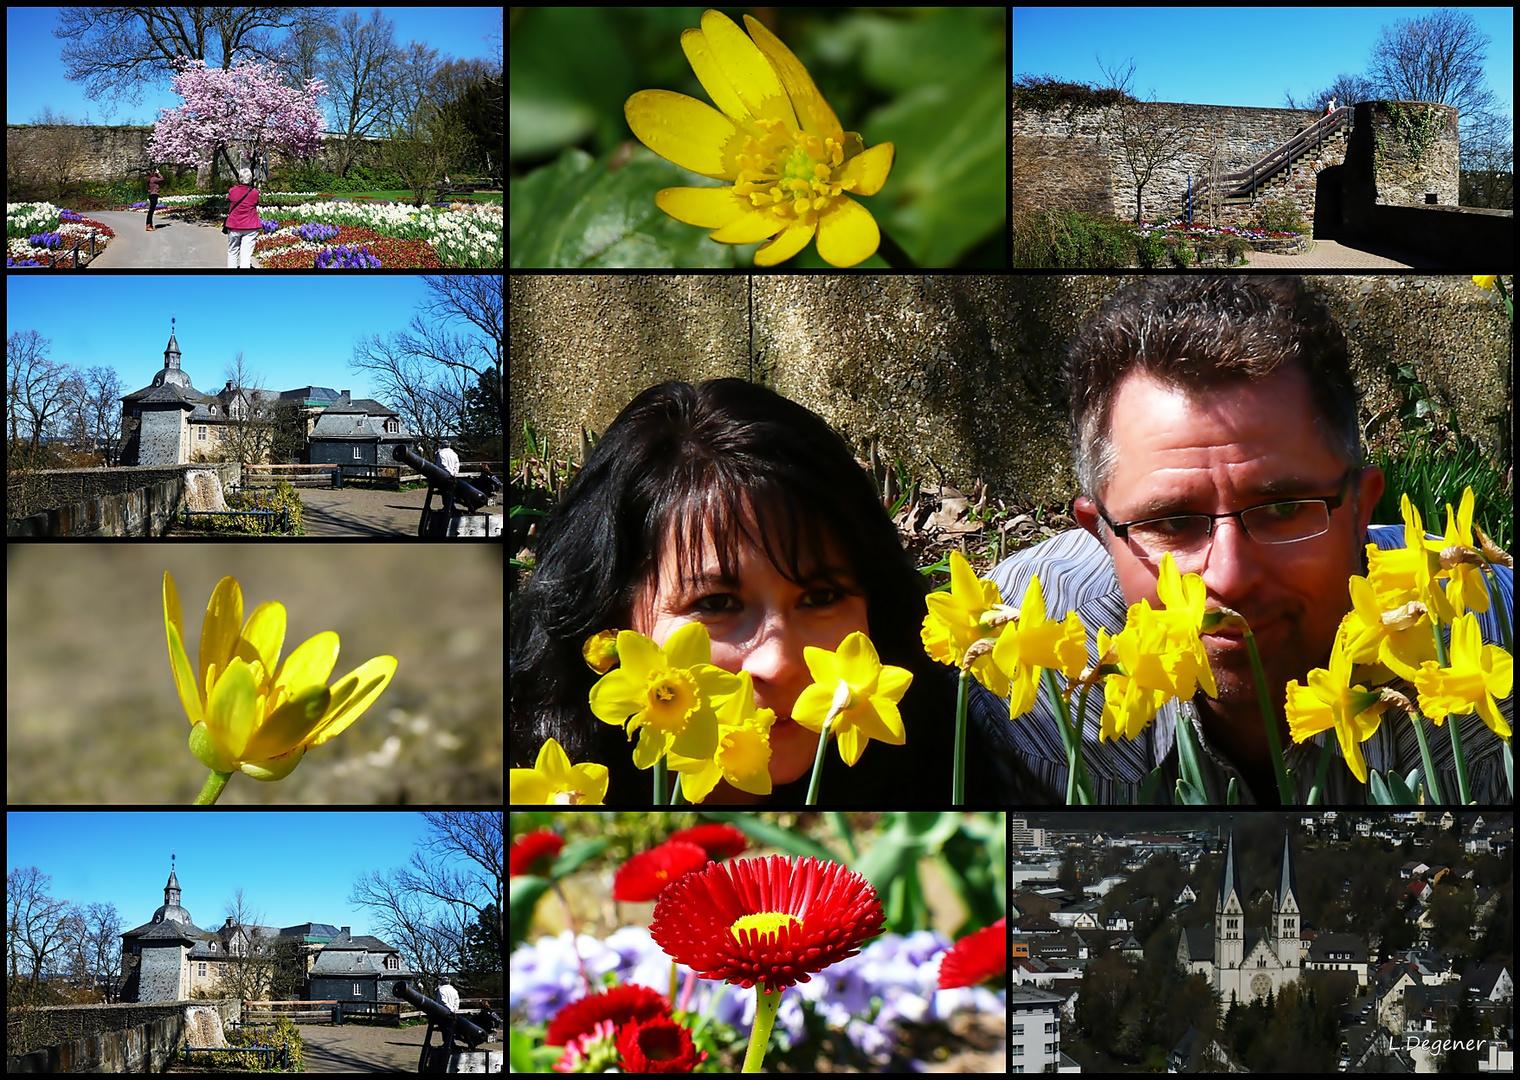 Fotospaziergang am Oberen Schloss